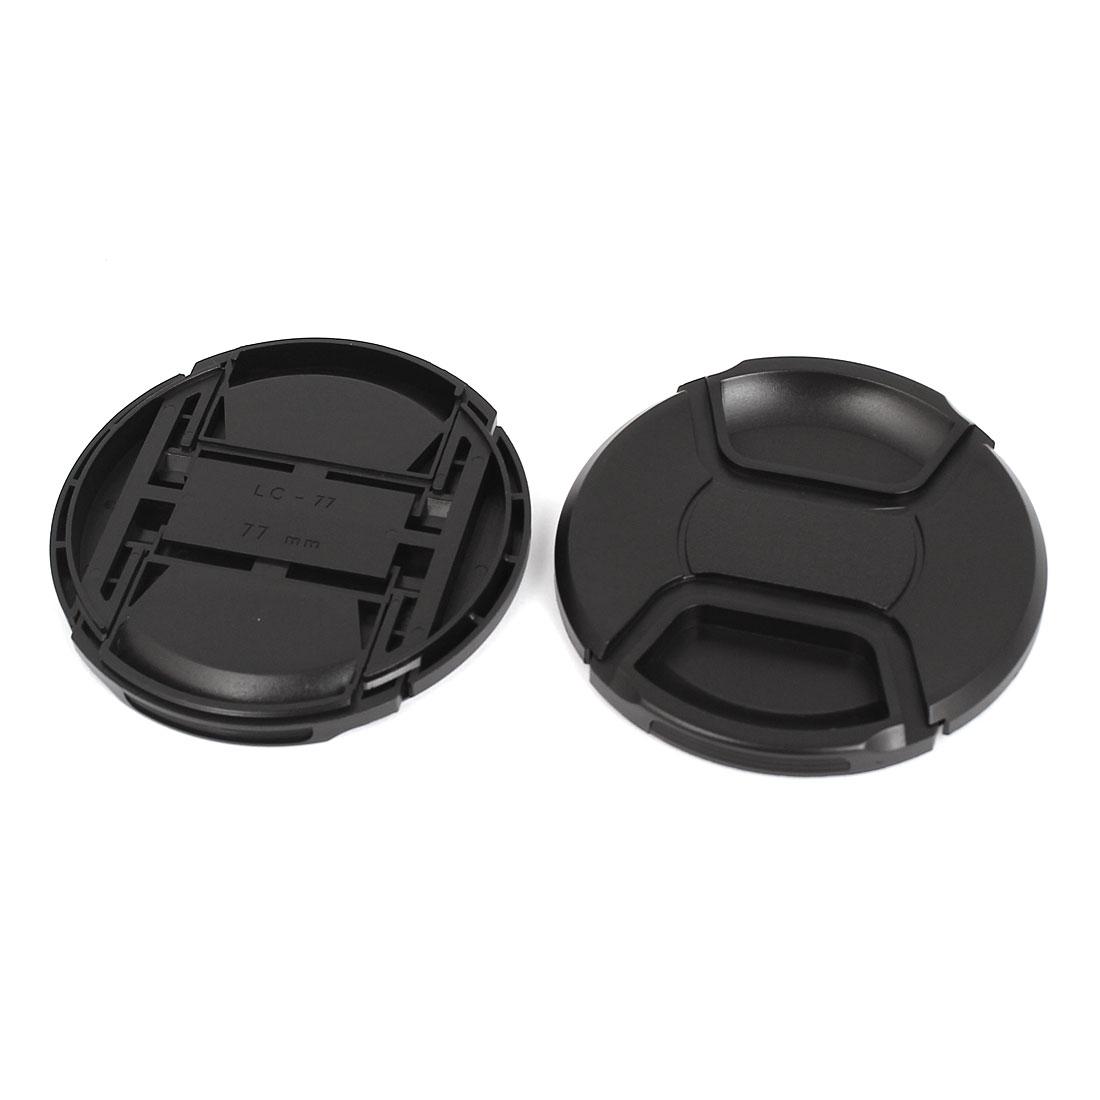 77mm Dia Plastic Front Snap Digital Camera Lens Caps Cover Protector Black 2Pcs